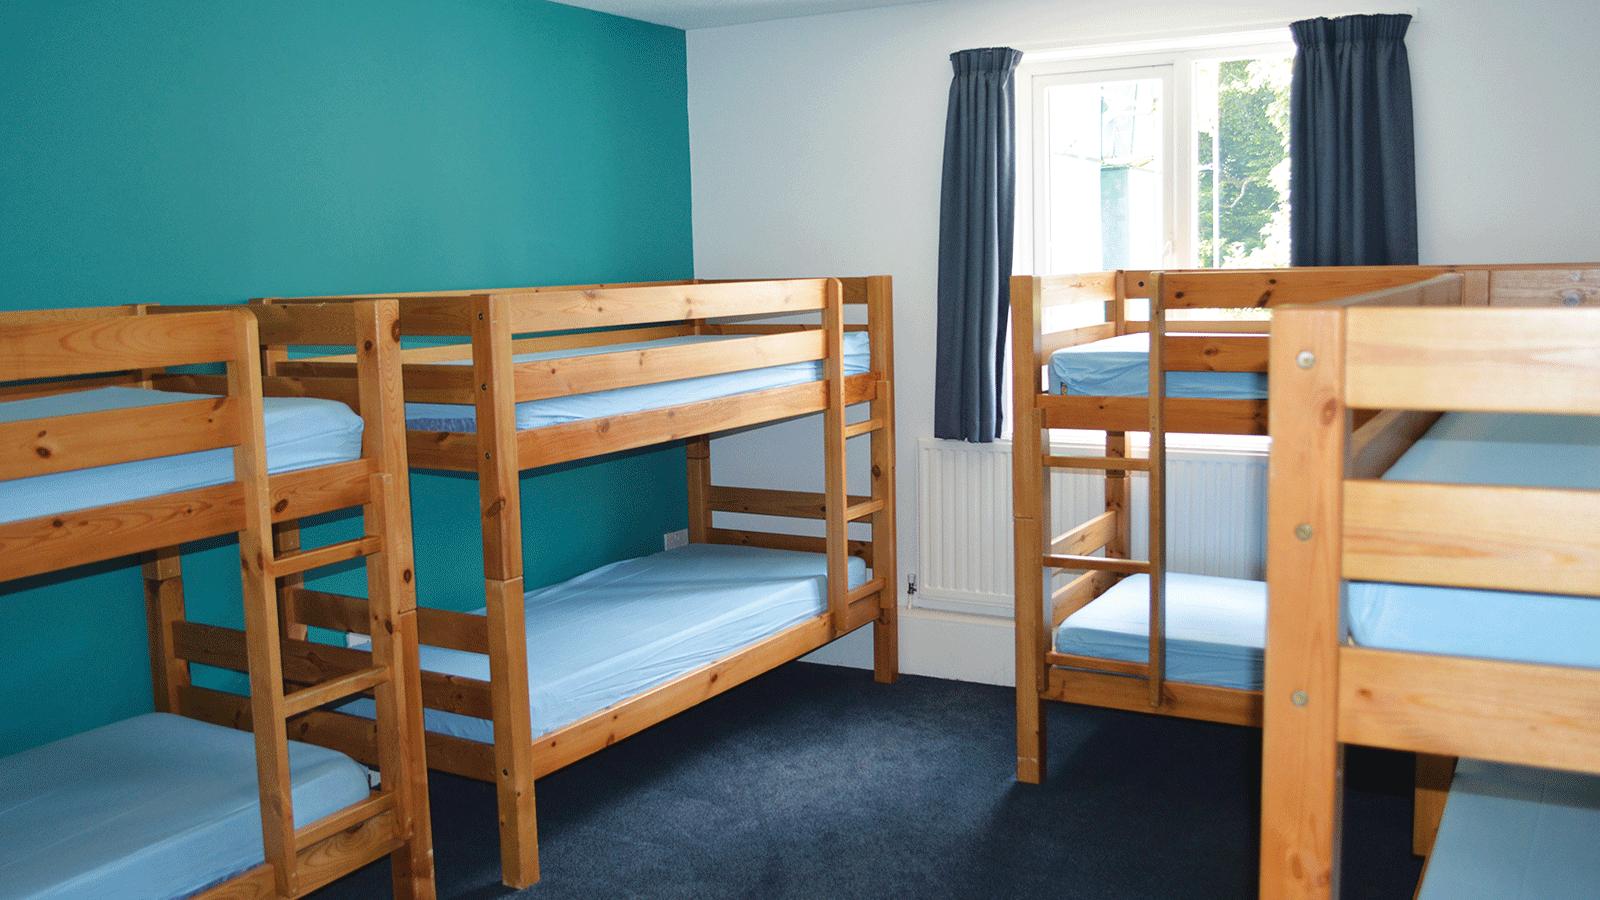 Stunning Kids Bedroom Bunk Beds